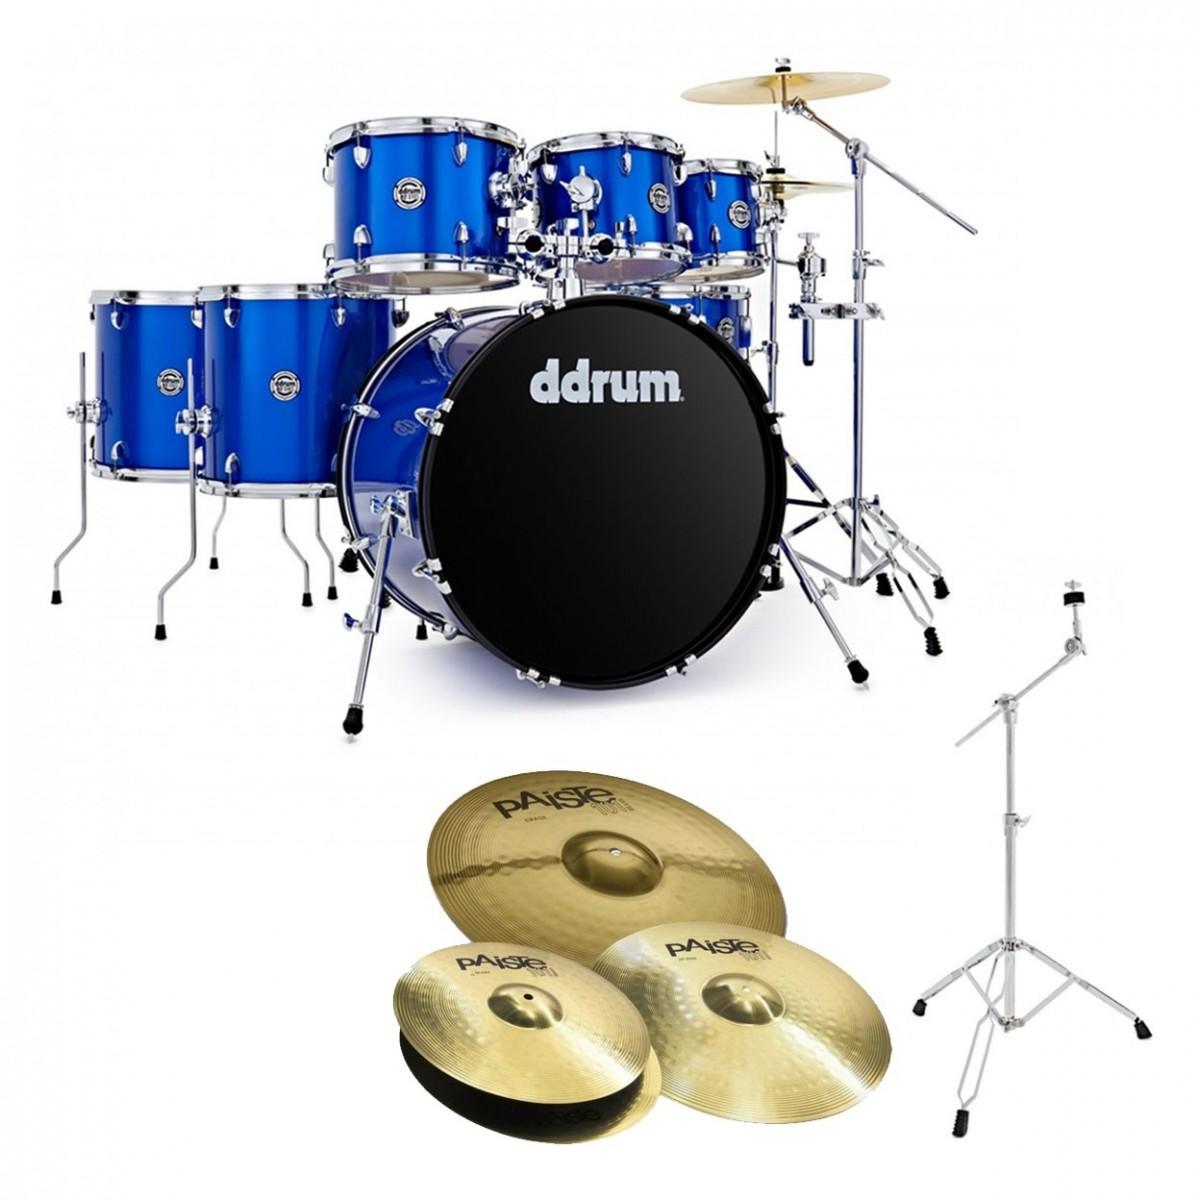 DDrum D2 22'' 7pc Drum Kit w/Paiste Cymbals, Cobalt Blue Sparkle